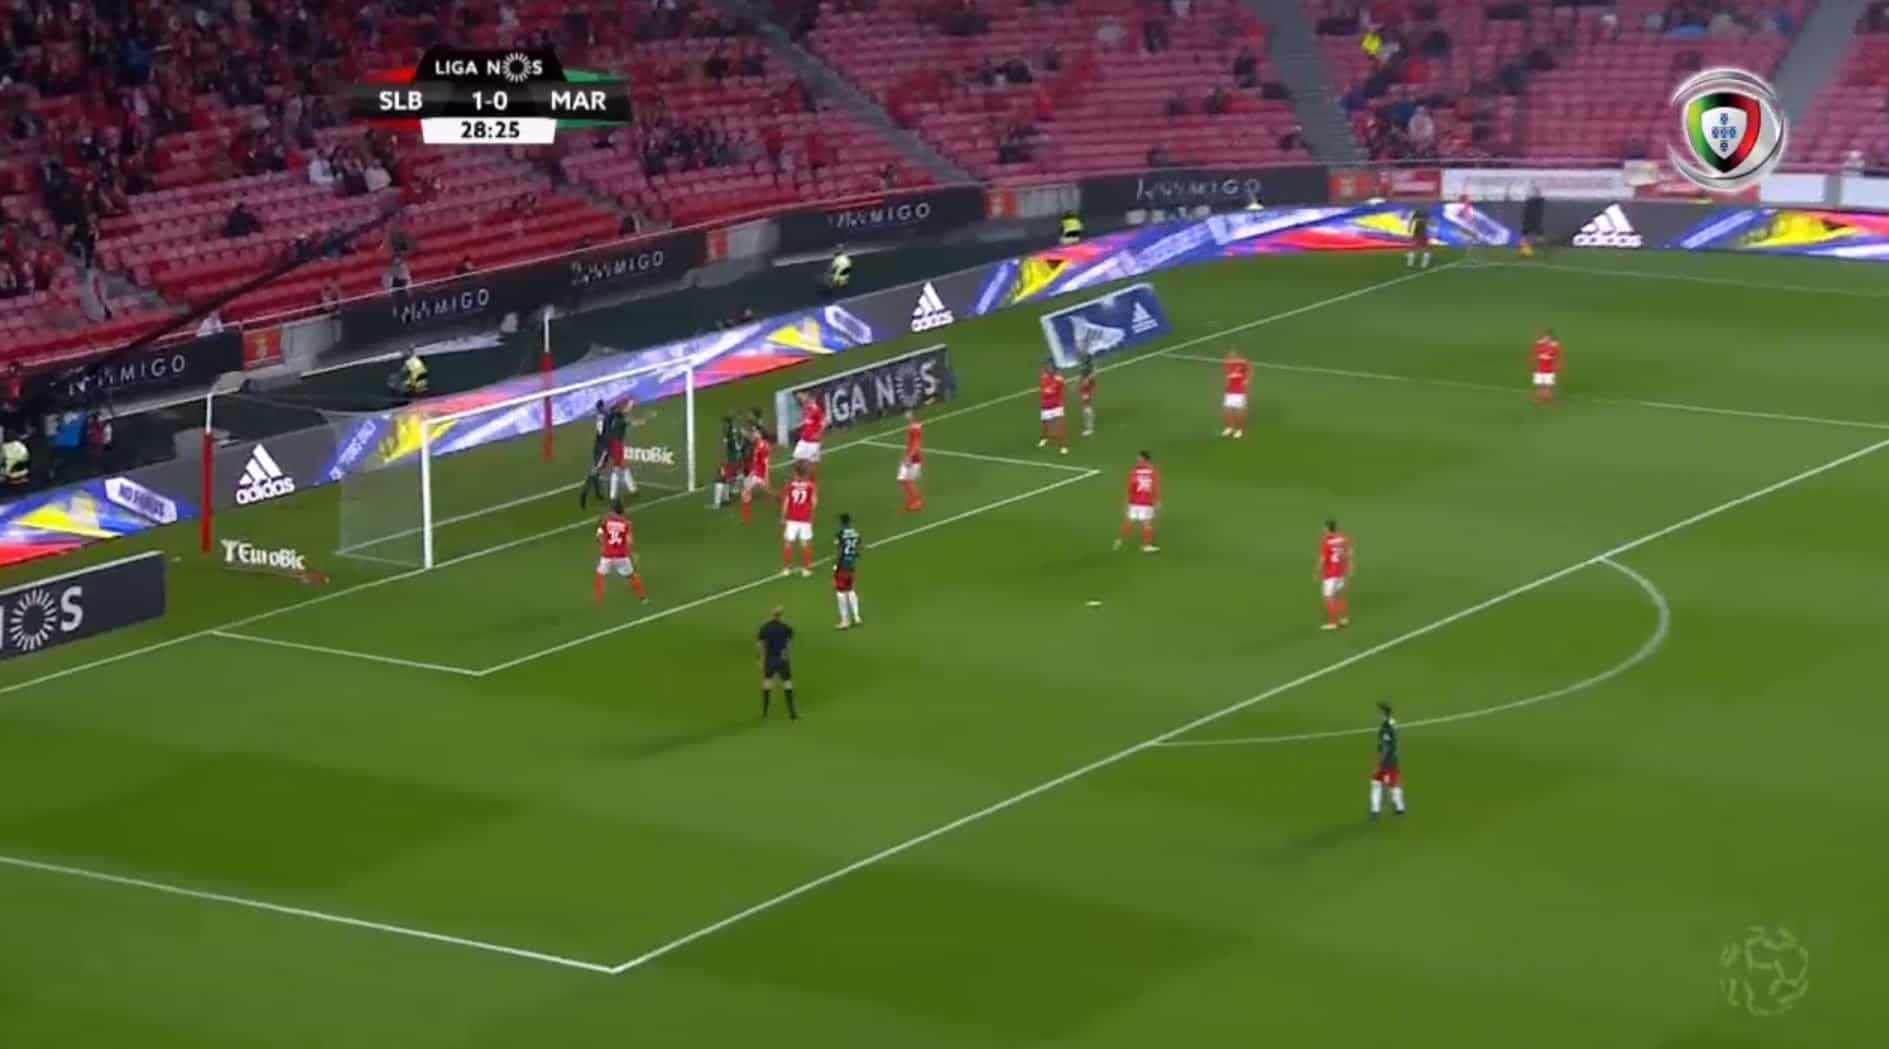 Marítimo marcou, mas Luís Godinho assinalou falta sobre Vlachodimos